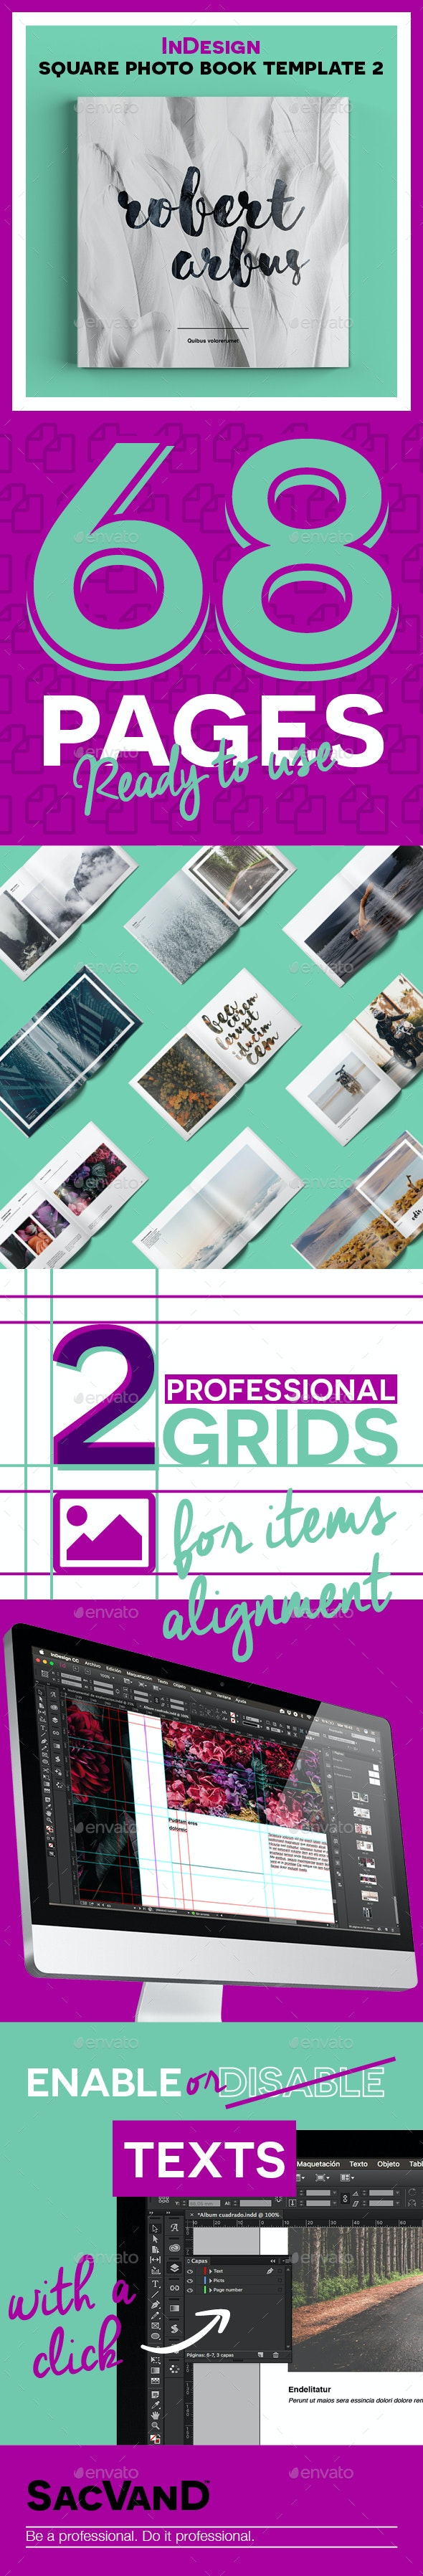 InDesign square photo book template 2 - Portfolio Brochures